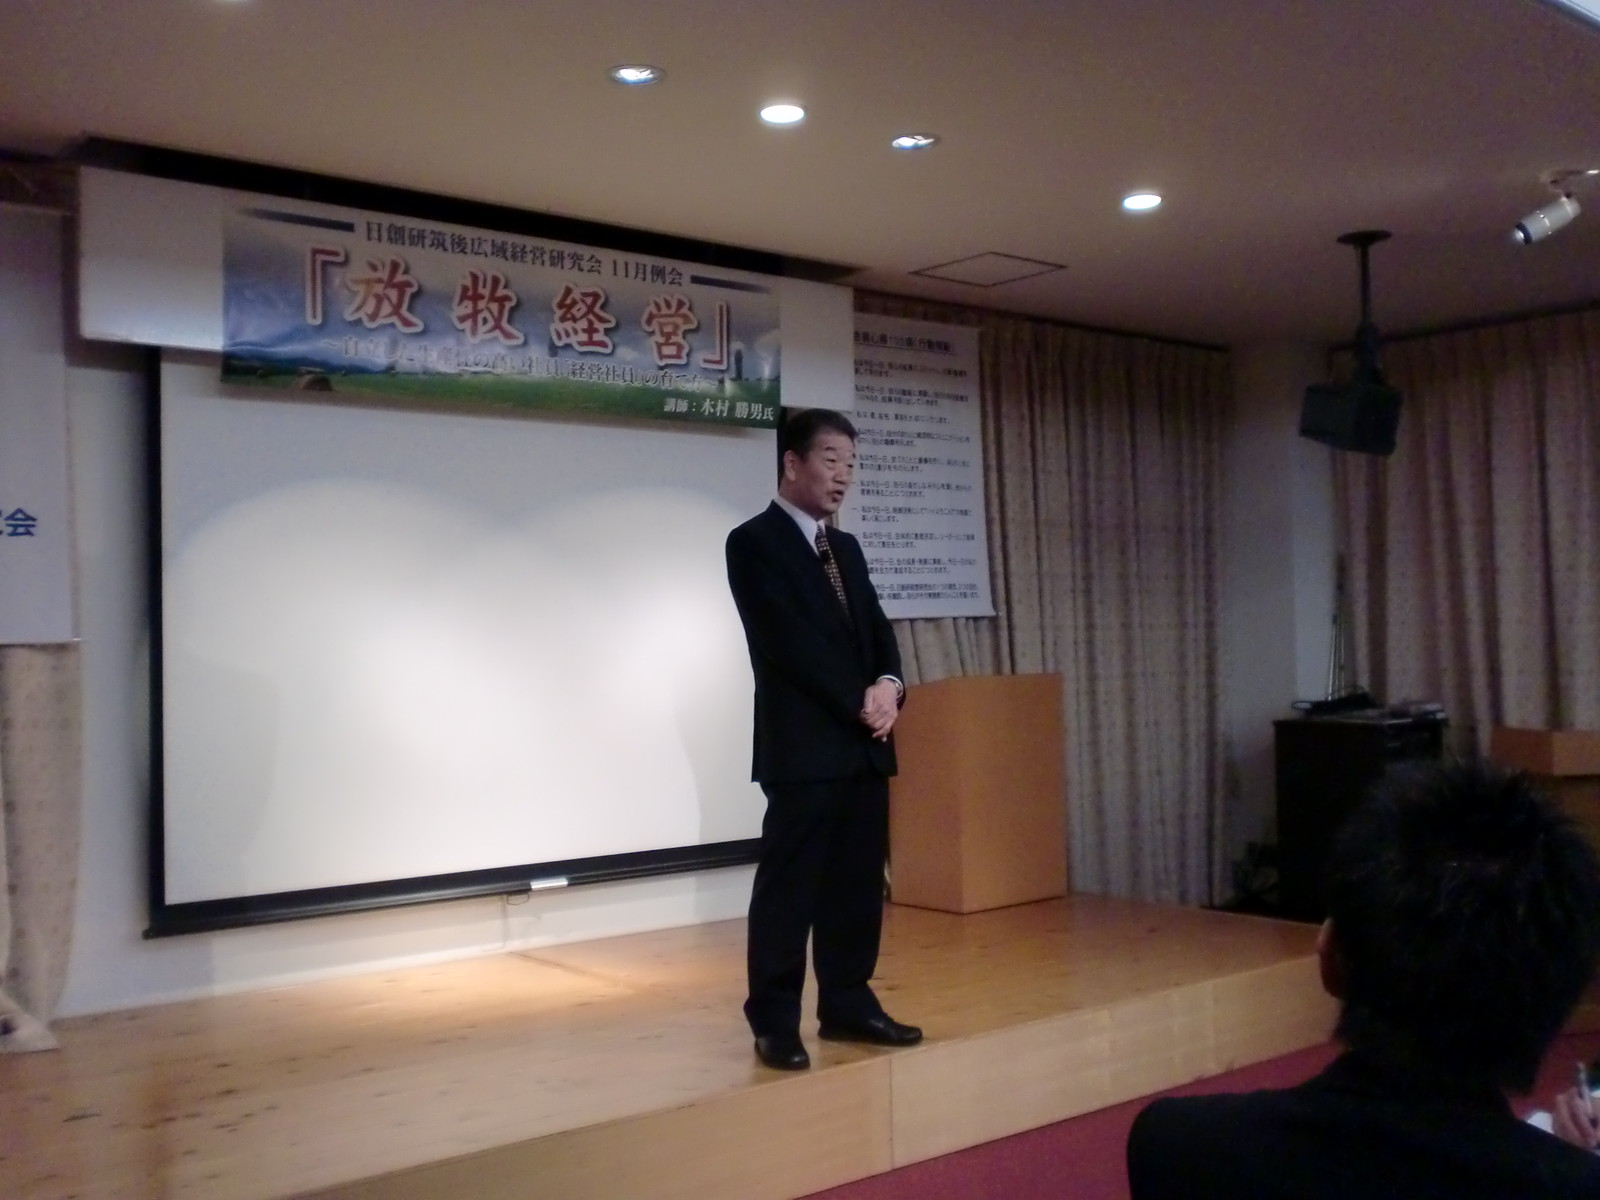 木村勝男さんの講演会に参加しました